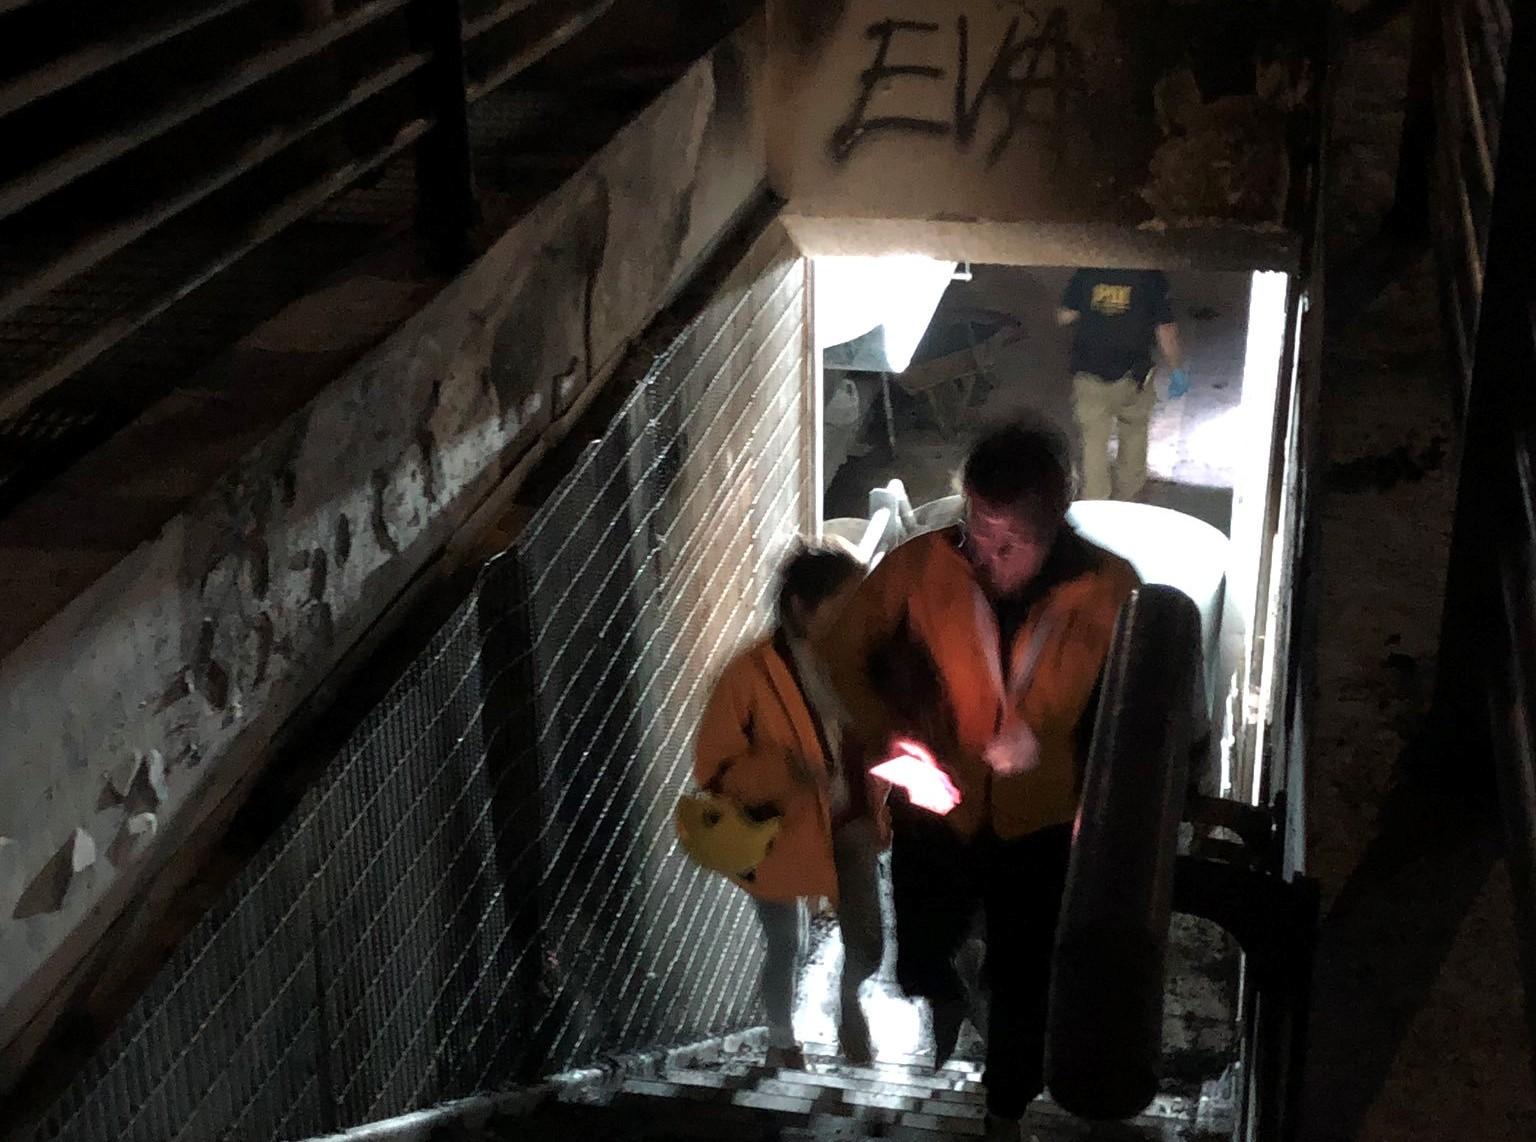 Denuncia por torturas en Metro Baquedano: Juez de Garantía e INDH concurrieron a estación